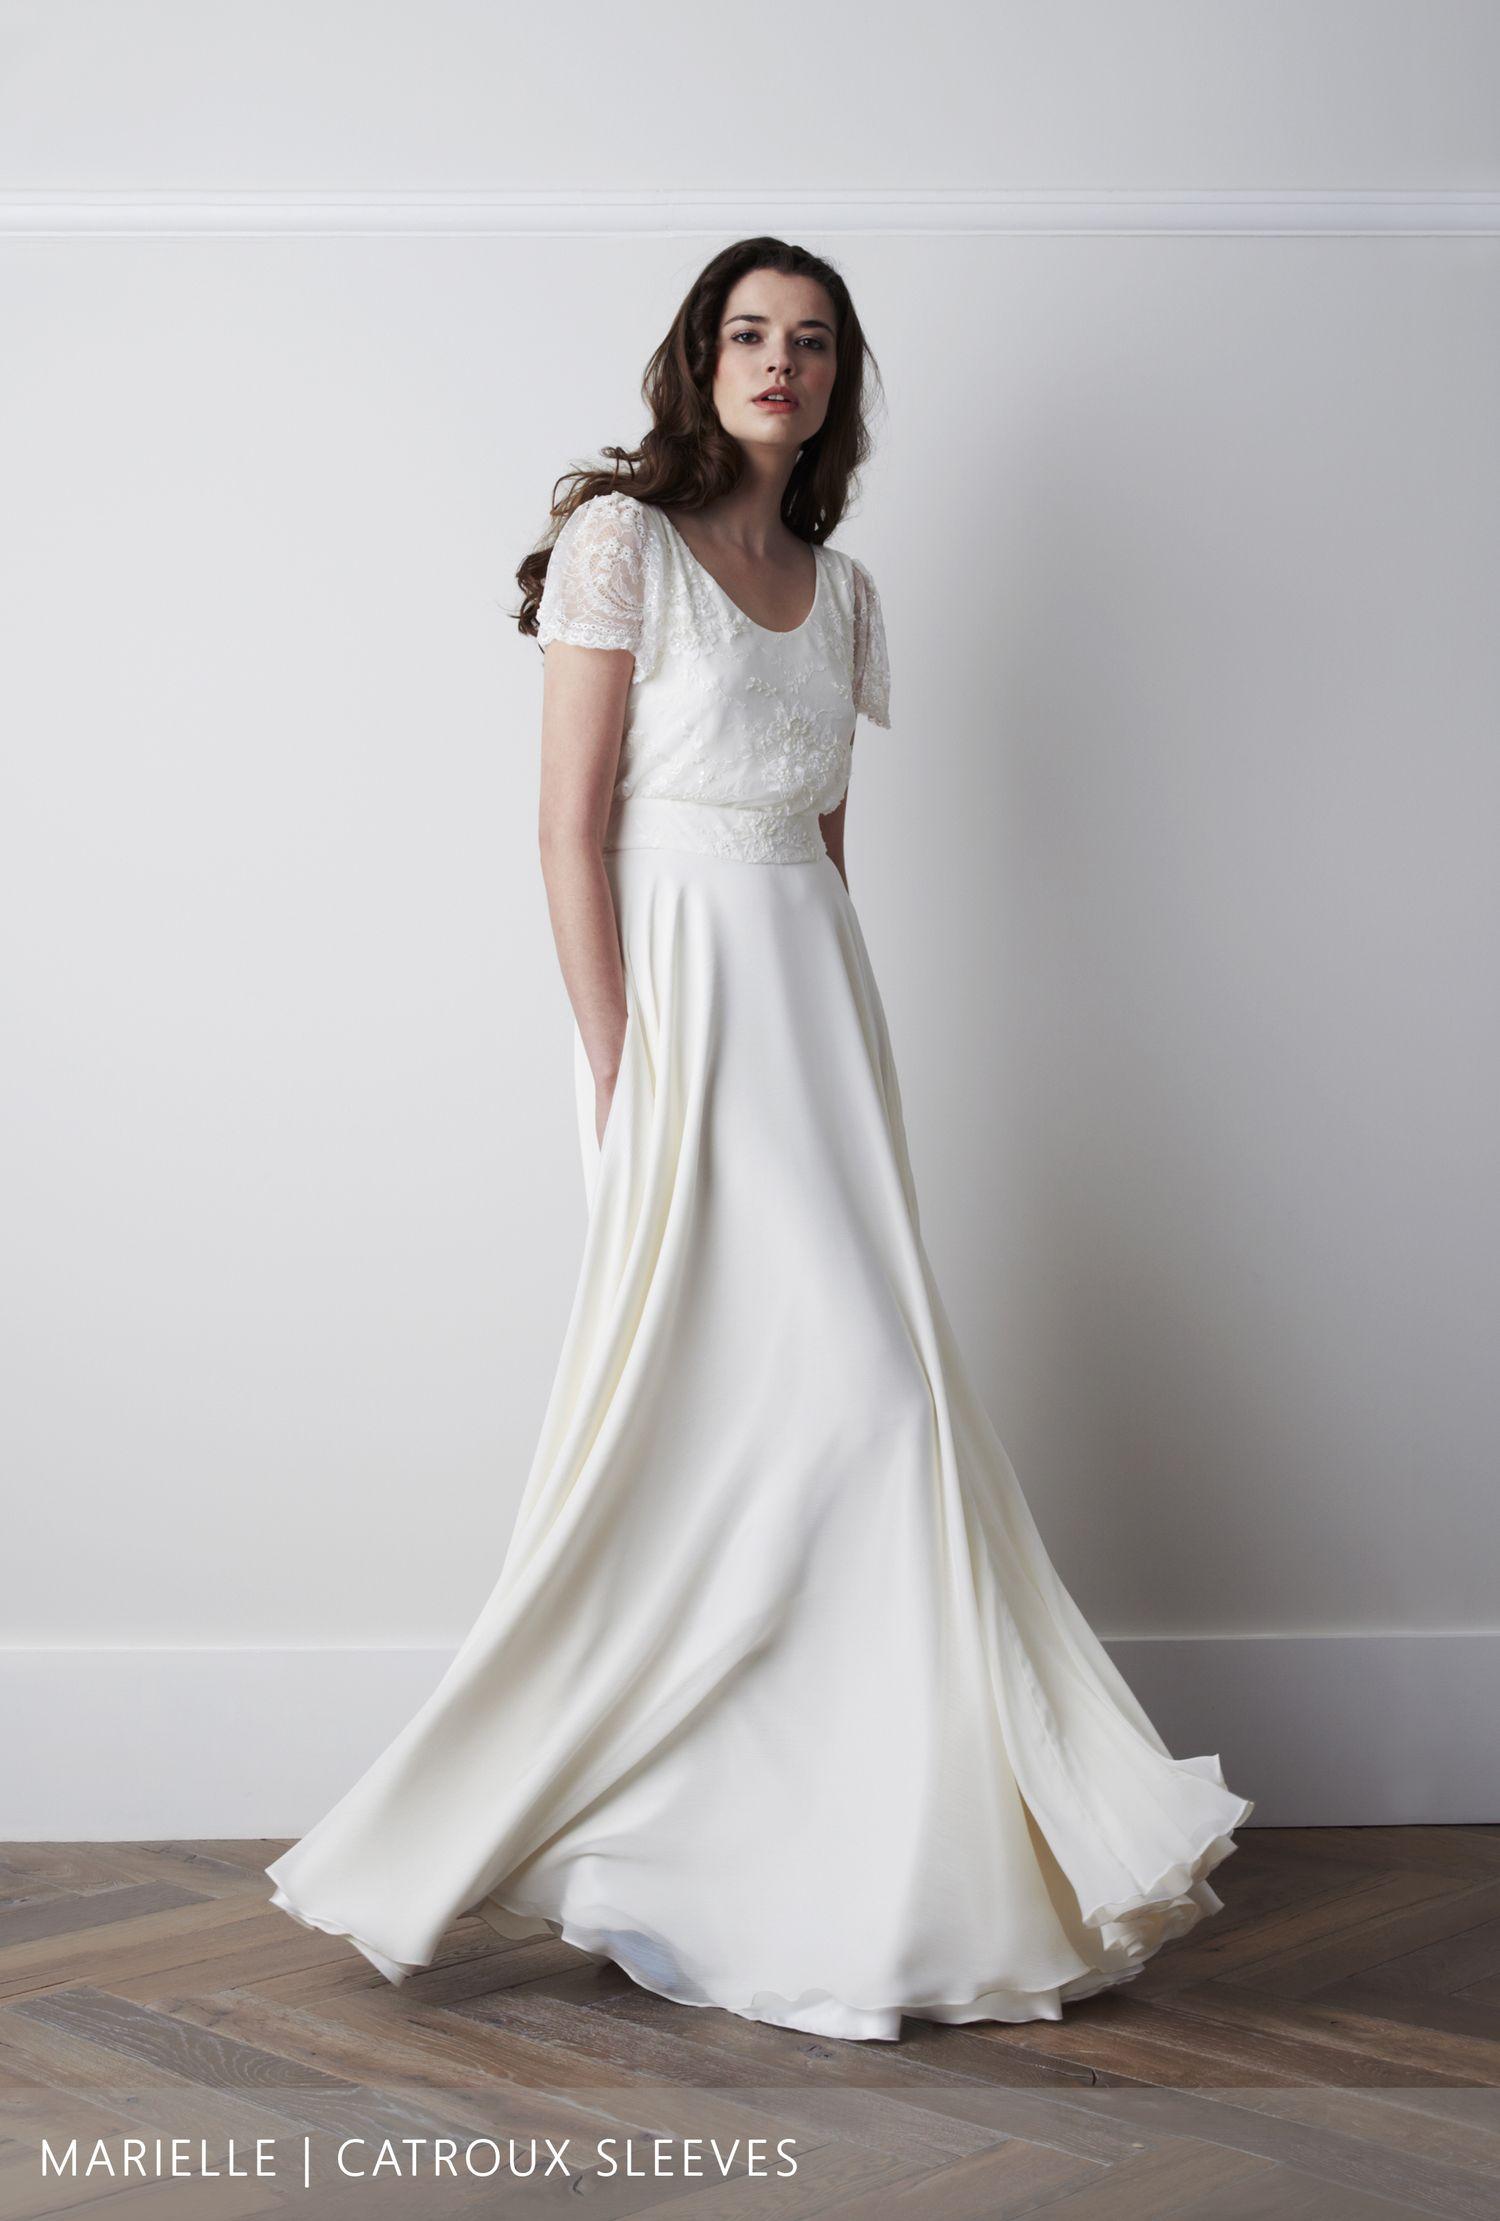 Wrmarielleg dress ideas pinterest dress ideas and